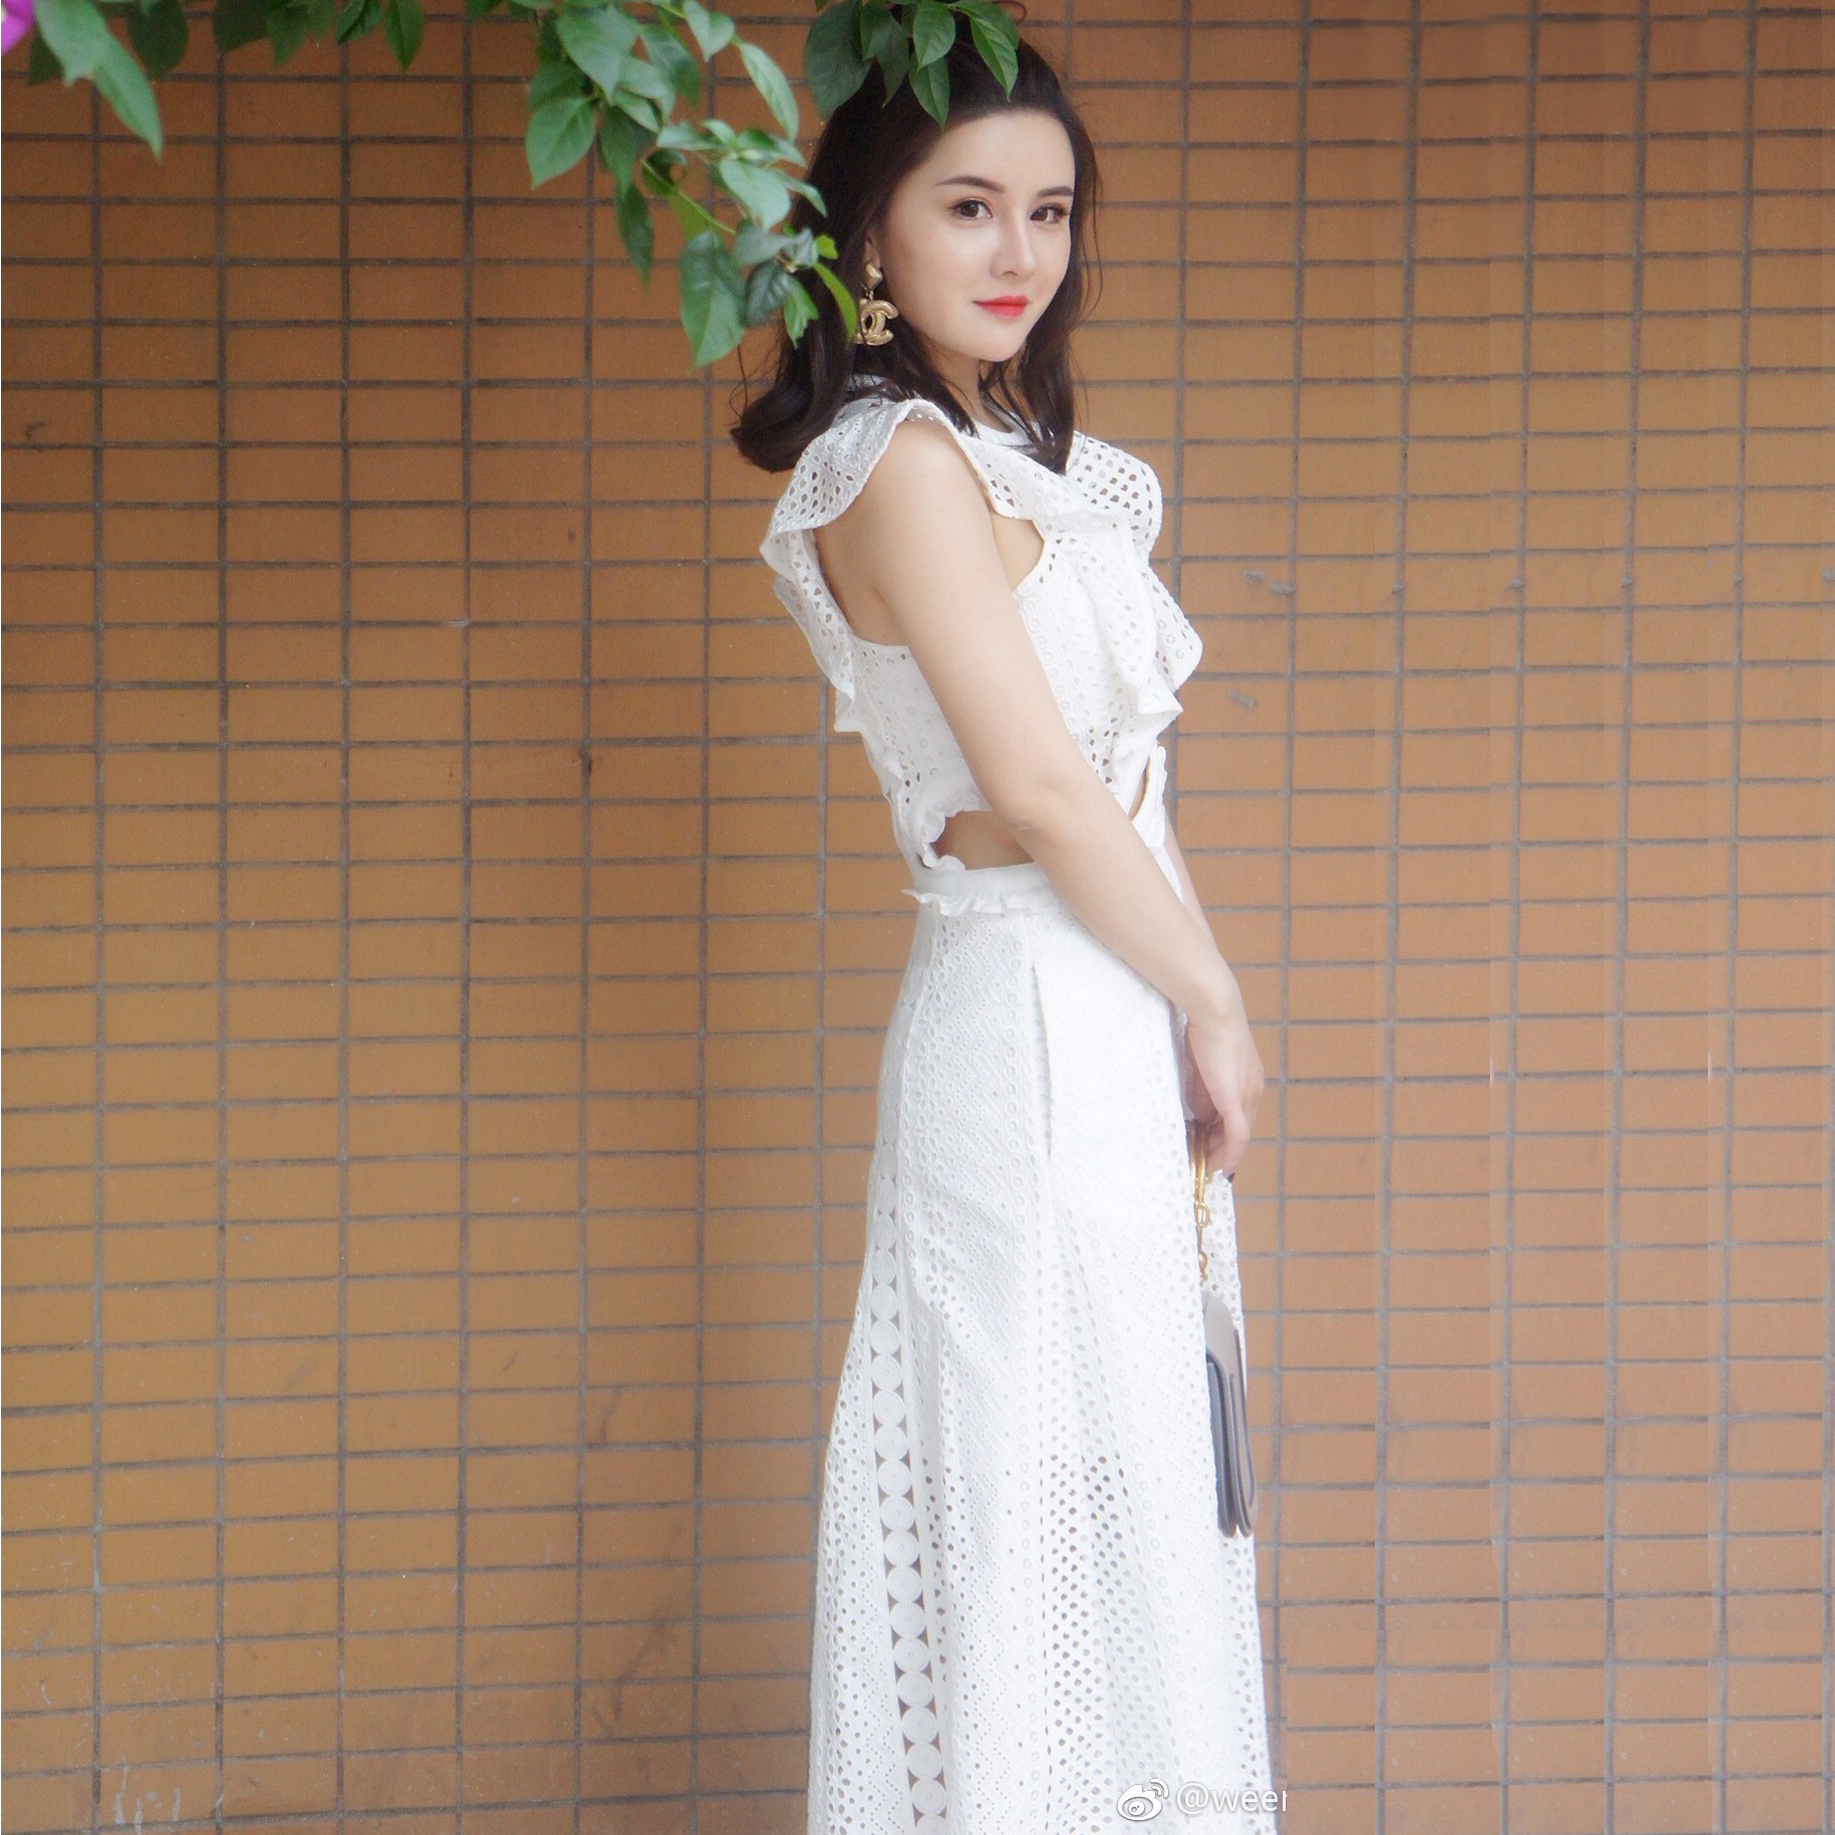 2019年欧美夏装新款女装露腰小心机飞袖长款蕾丝修身白色连衣裙子